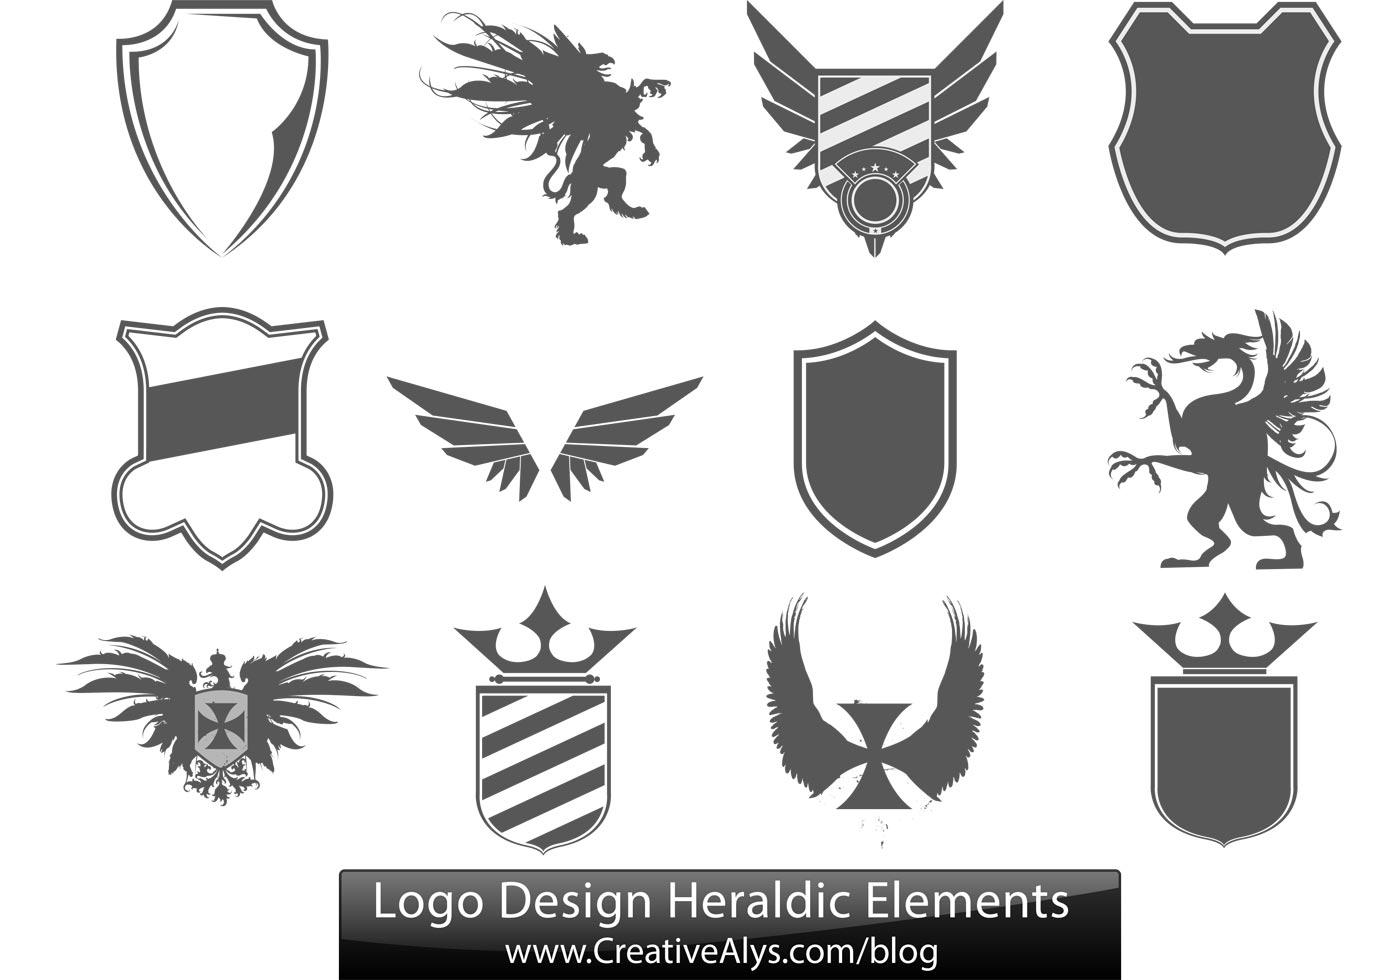 logo design heraldic elements download free vector art